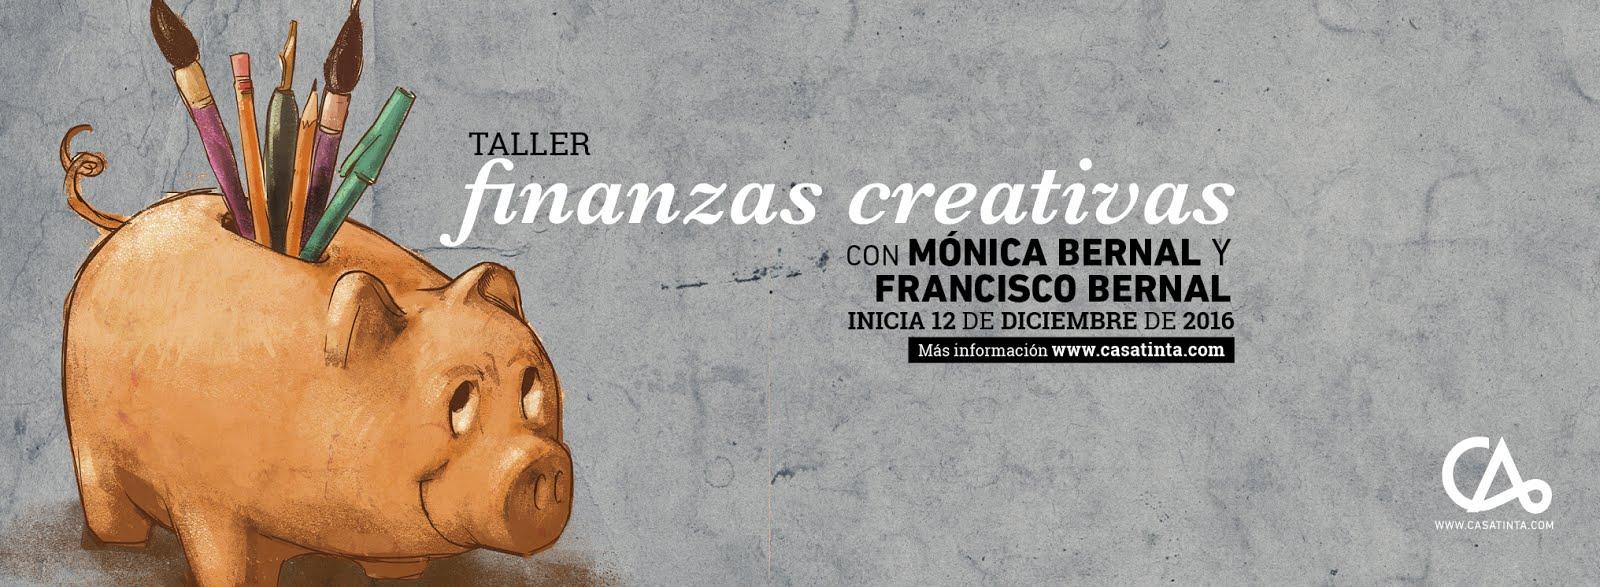 FINANZAS CREATIVAS // 12 dic